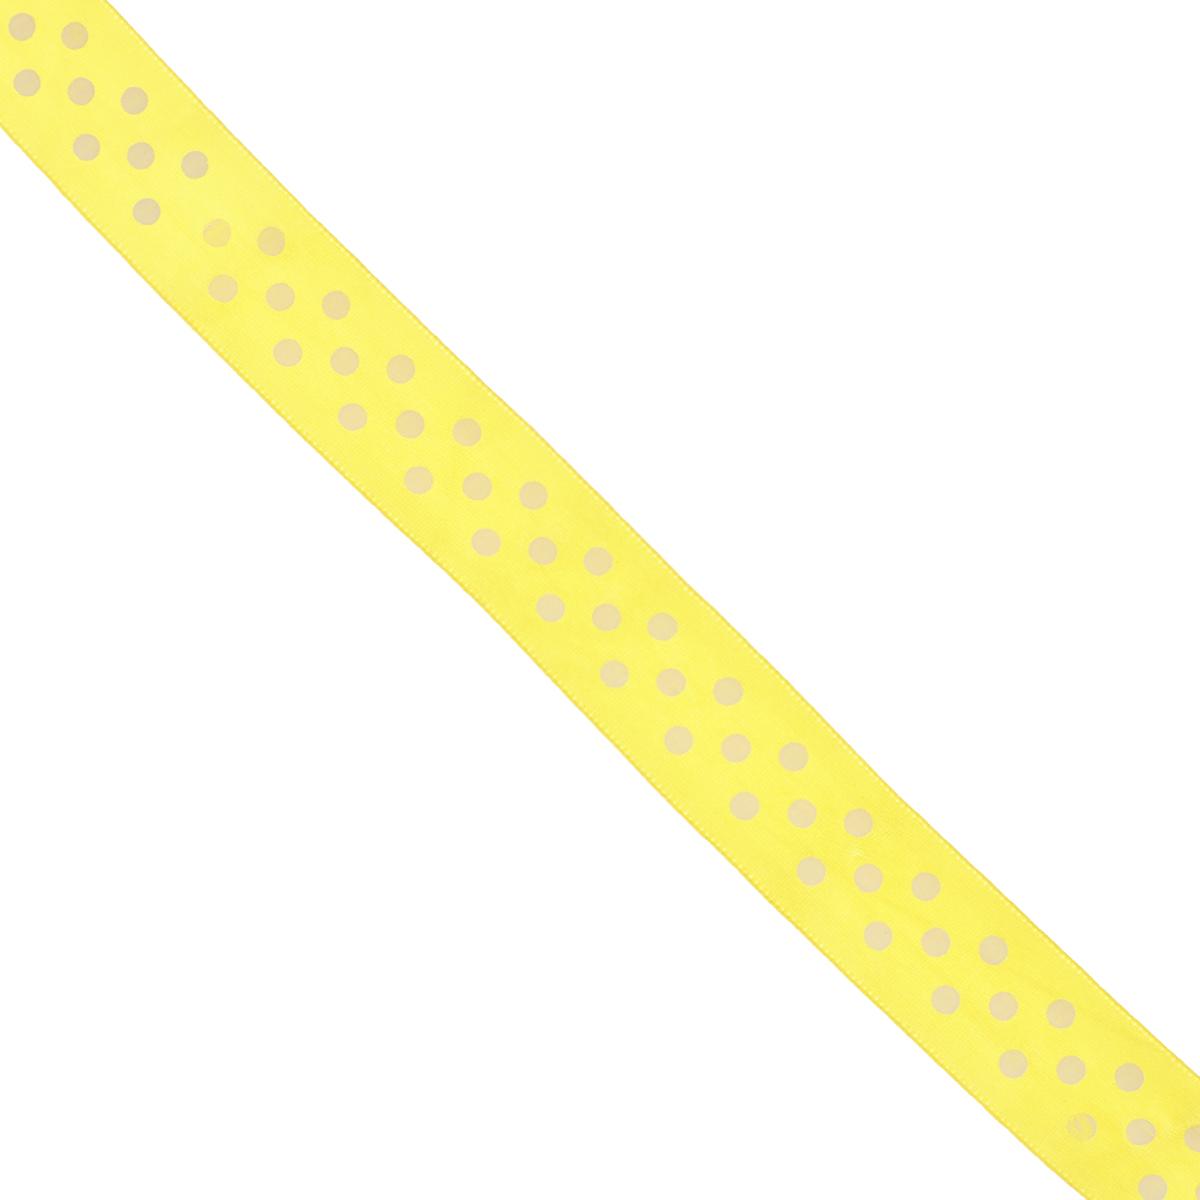 Лента атласная Dekor Line Горошек, цвет: желтый, белый, ширина 2,5 см, длина 3 мC0042416Атласная лента Dekor Line Горошек выполнена из высококачественного полиэстера. Область применения атласной ленты весьма широка. Лента предназначена для оформления цветочных букетов, подарочных коробок, пакетов. Кроме того, она с успехом применяется для художественного оформления витрин, праздничного оформления помещений, изготовления искусственных цветов. Ее также можно использовать для творчества в различных техниках, таких как скрапбукинг, оформление аппликаций, для украшения фотоальбомов, подарков, конвертов, фоторамок, открыток и прочего.Ширина ленты: 2,5 см.Длина ленты: 3 м.